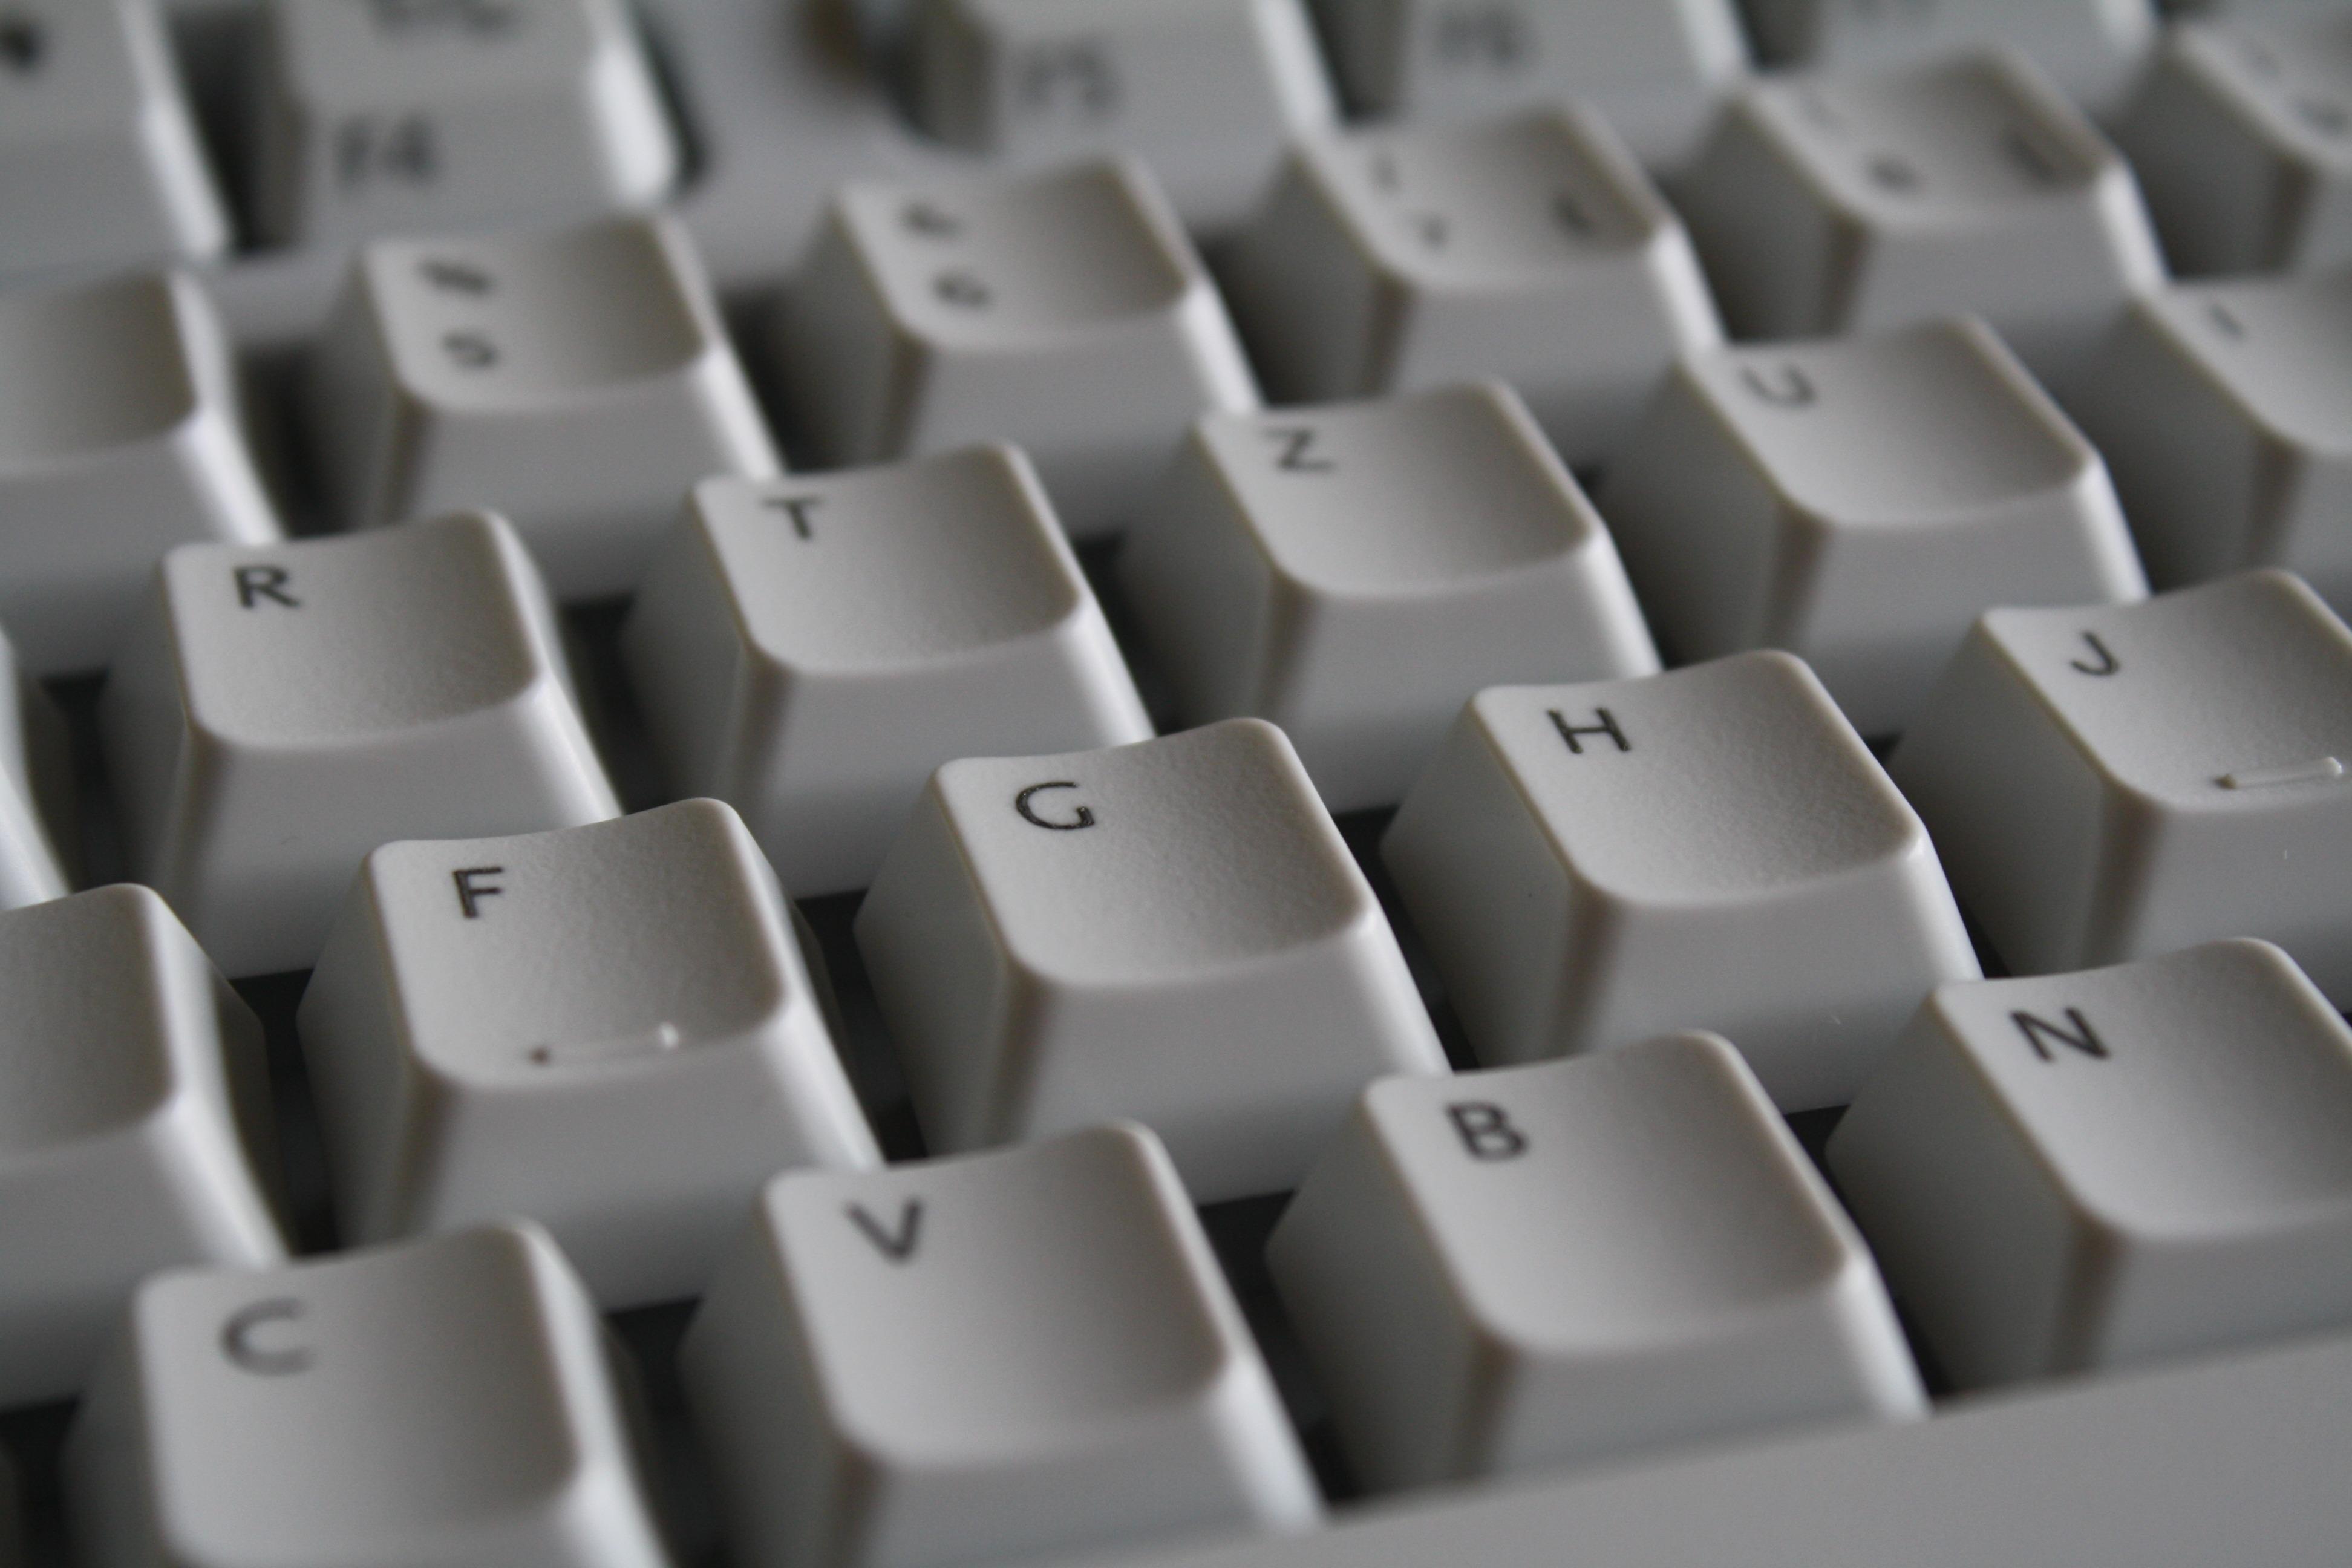 фотография клавиатуры крупным планом сообщил пресс-секретарь